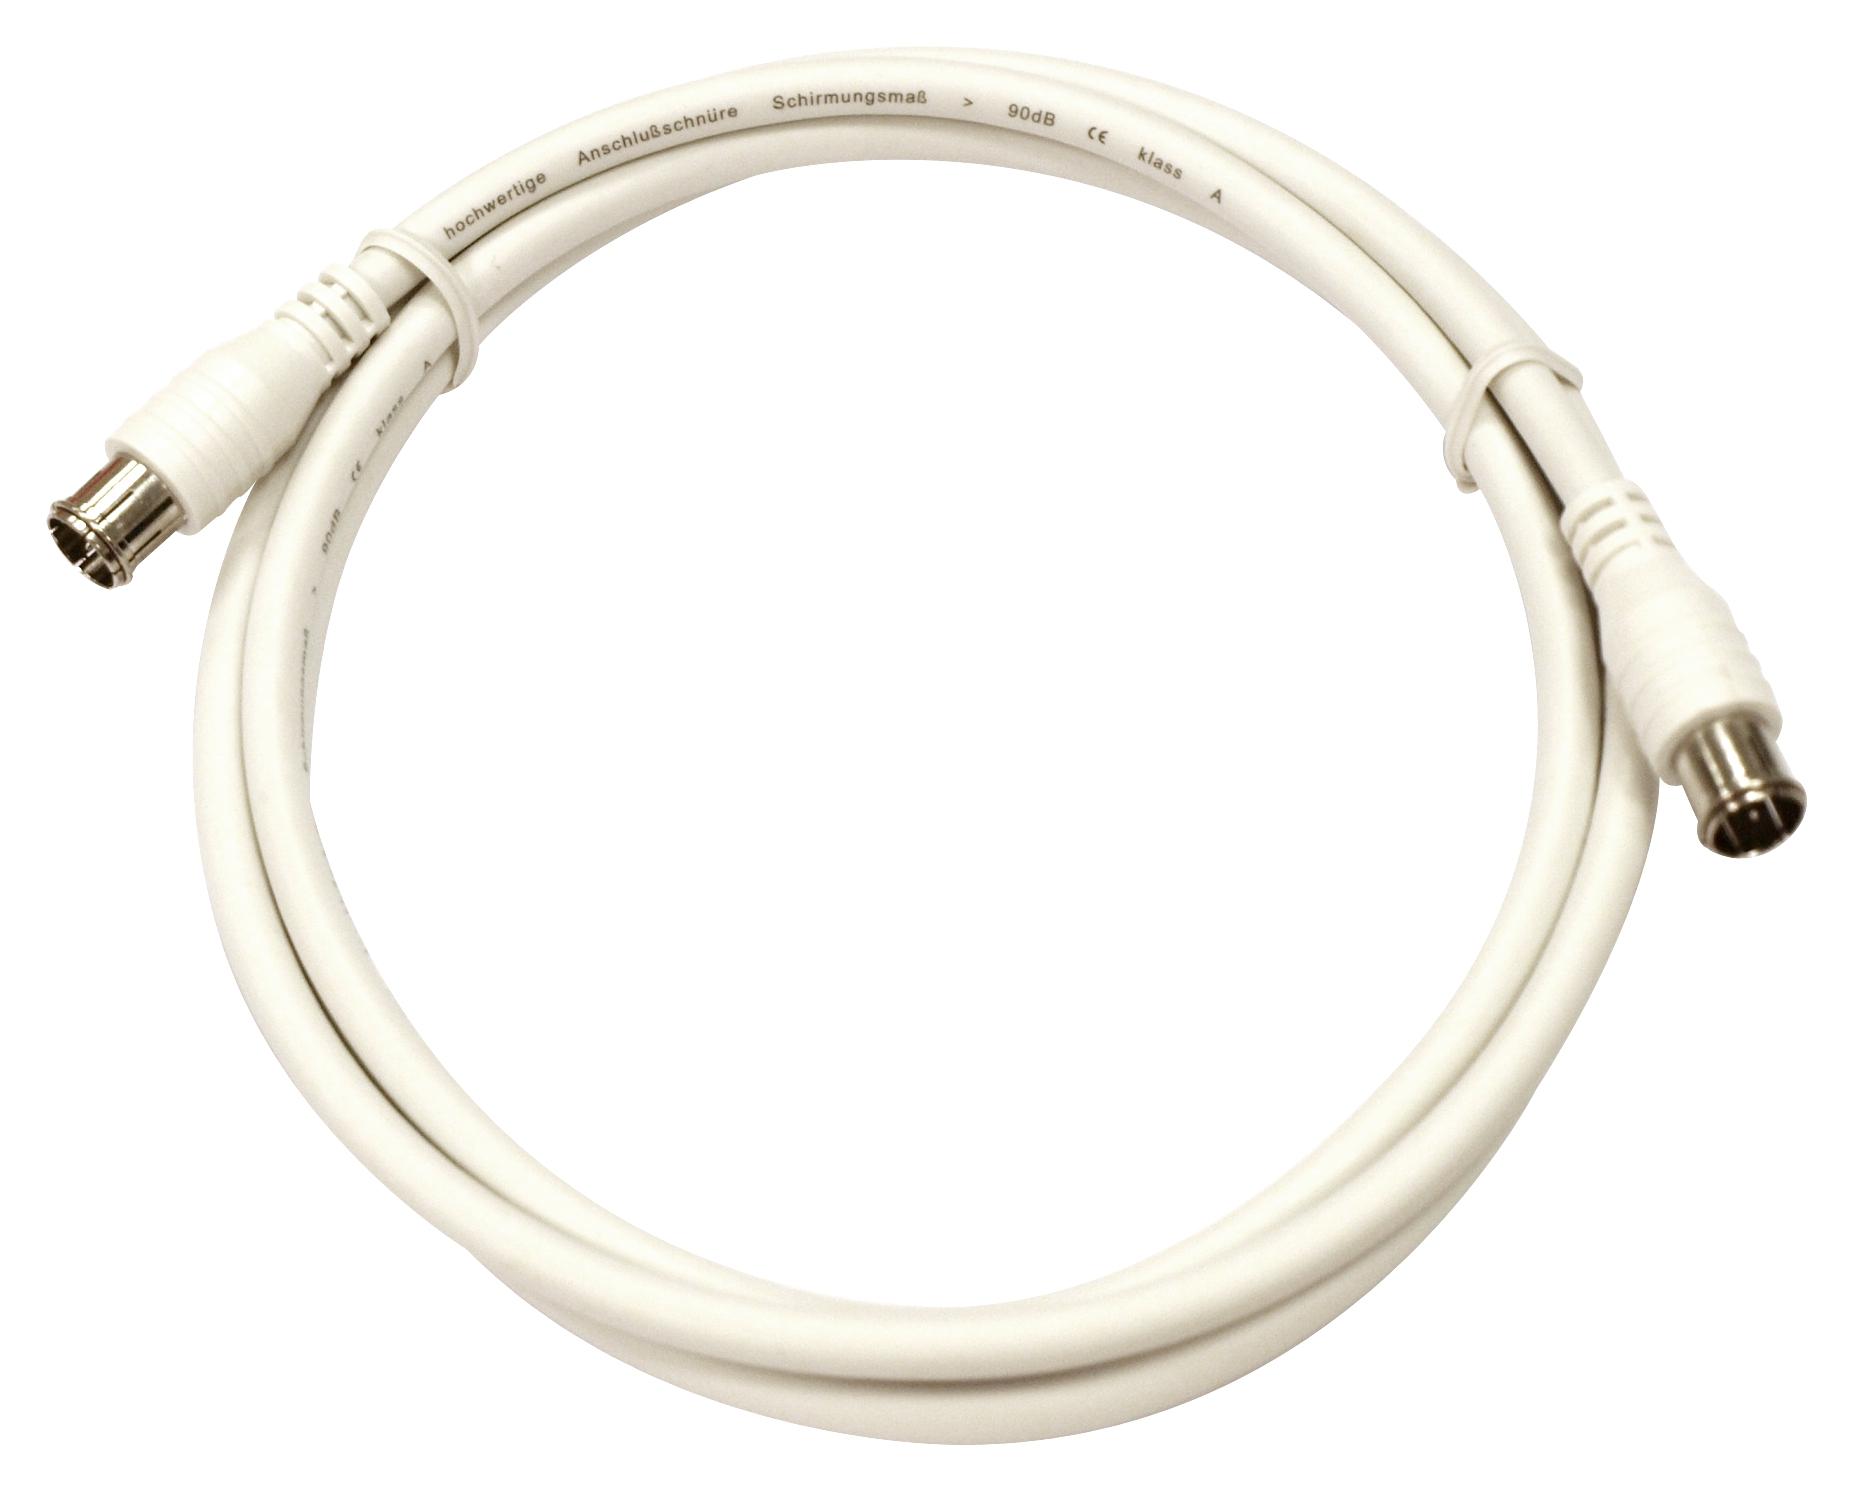 1 Stk Koax Patchkabel, 2xF-Quick gerade, >90dB, ClassA, weiß, 0,5m HS4HC00K5-